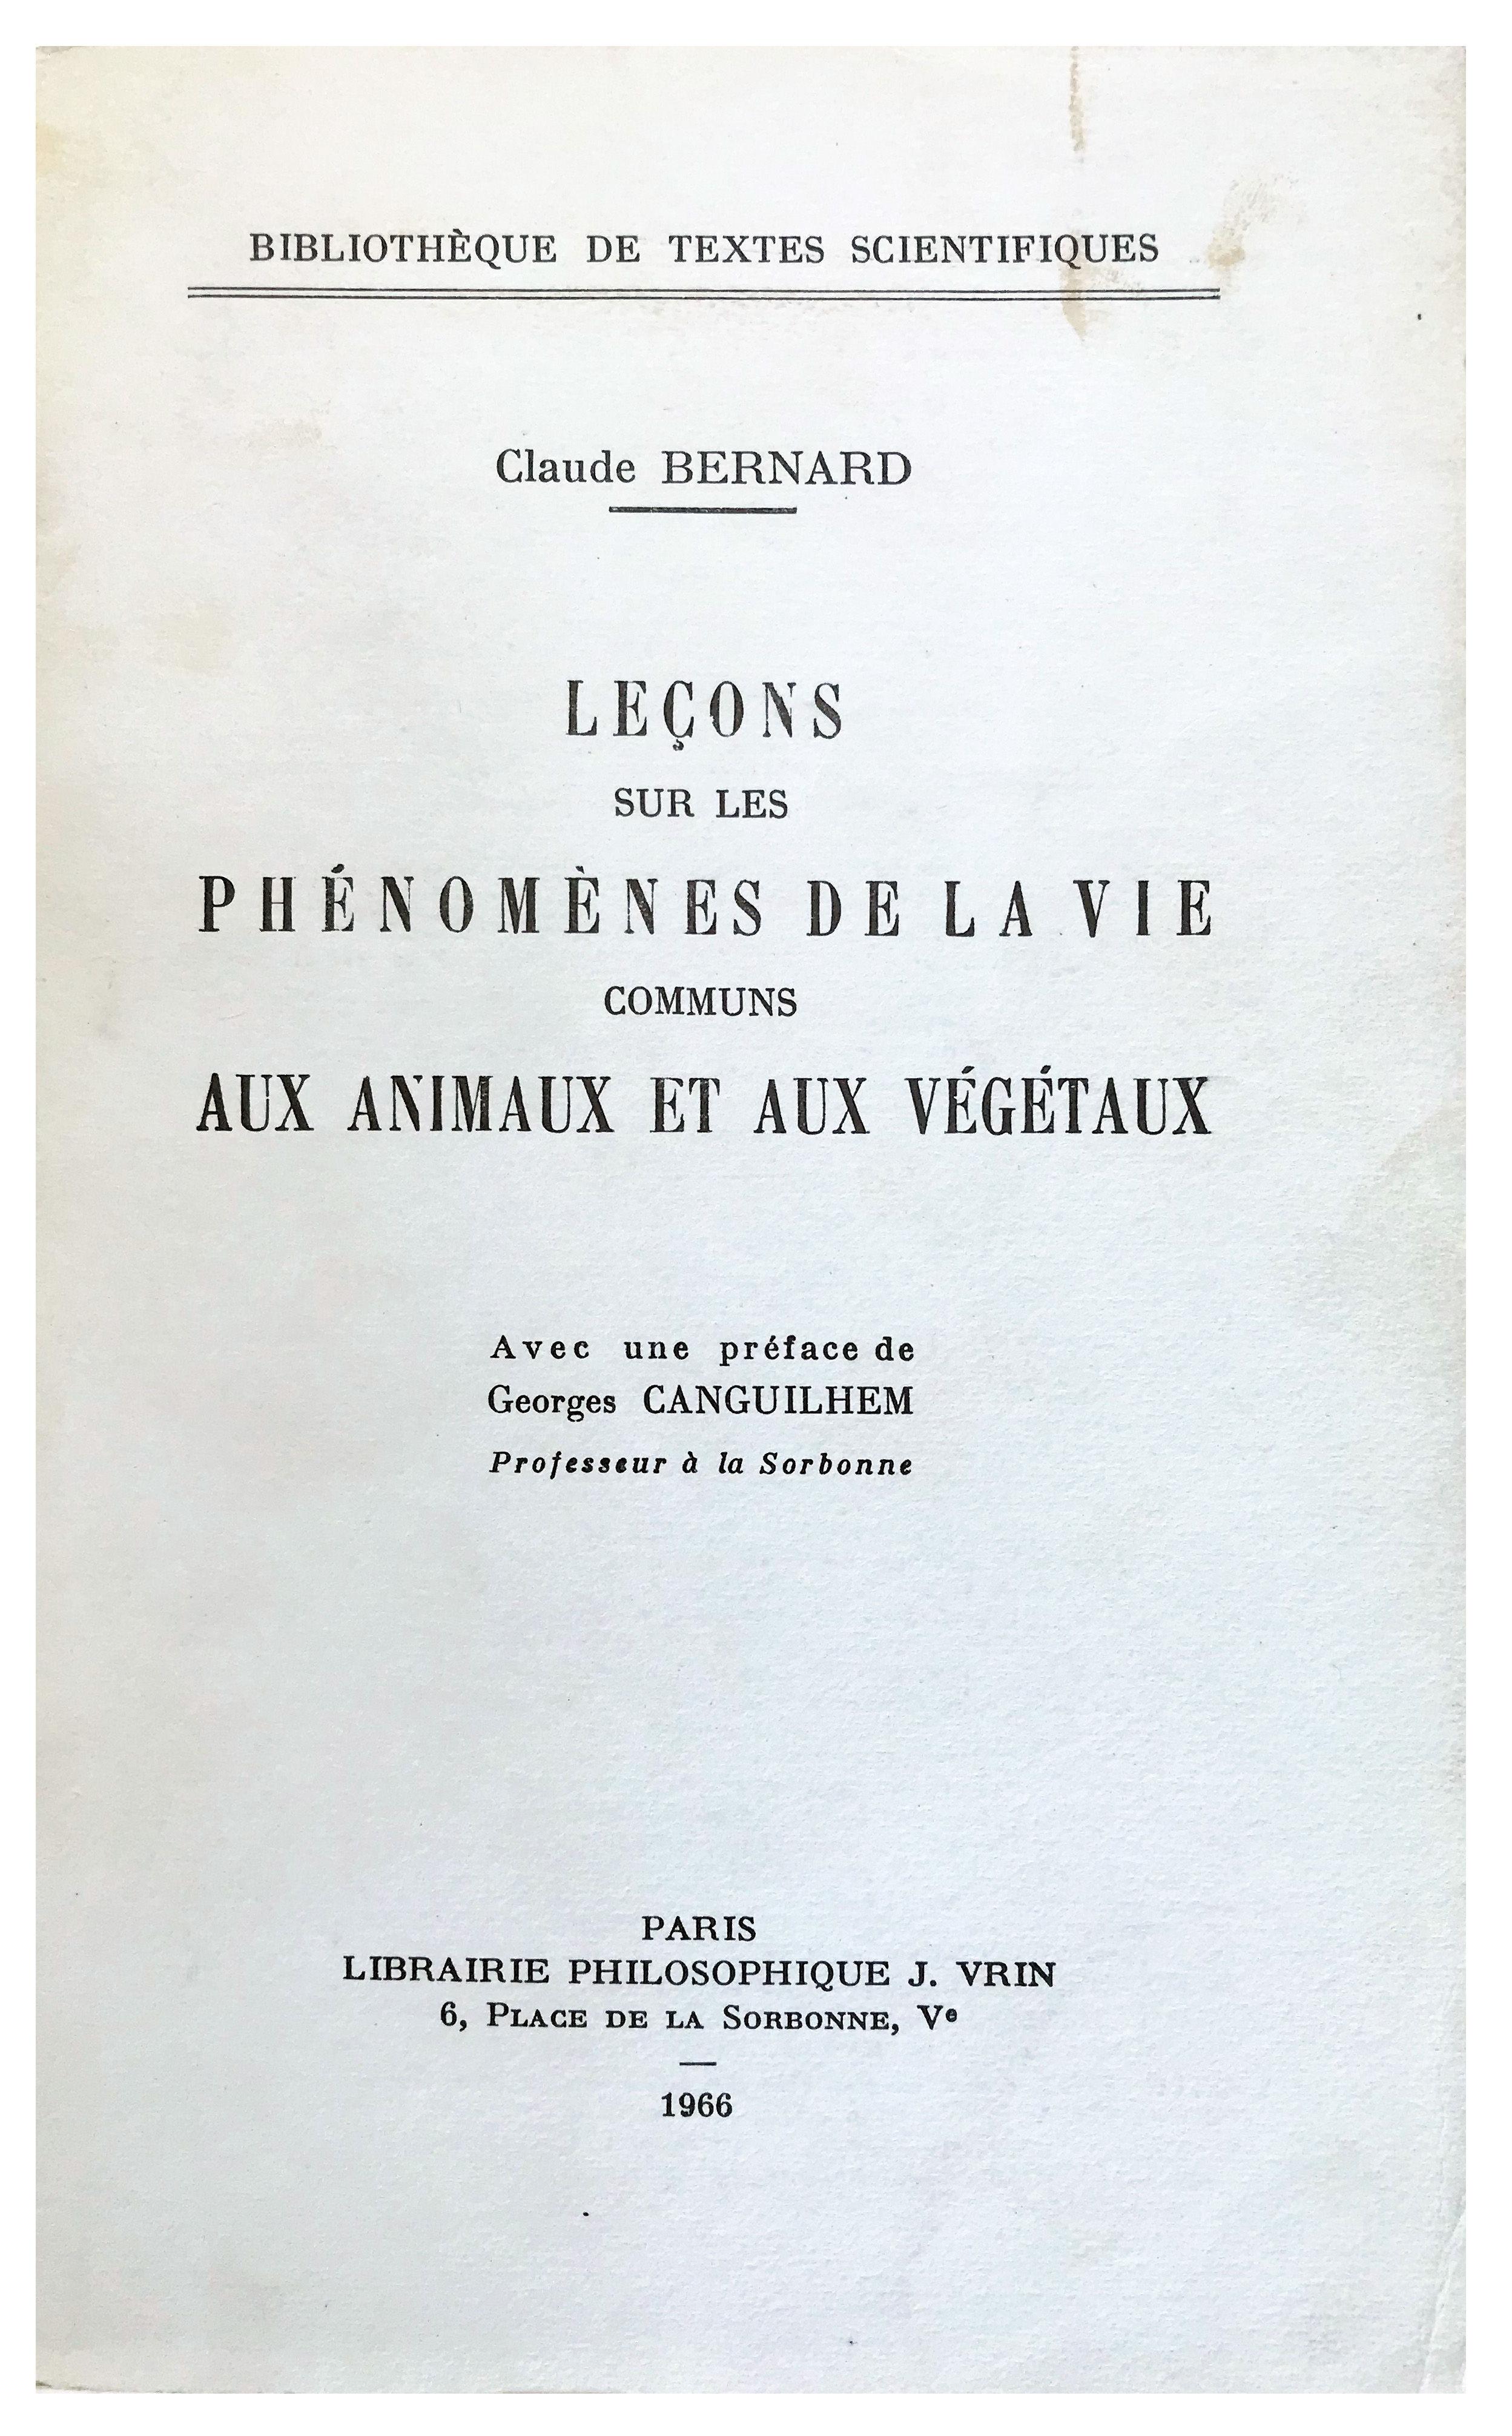 Image for Lecons sur les Phenomenes de la vie Communs aux Animaux et aux Vegetaux.